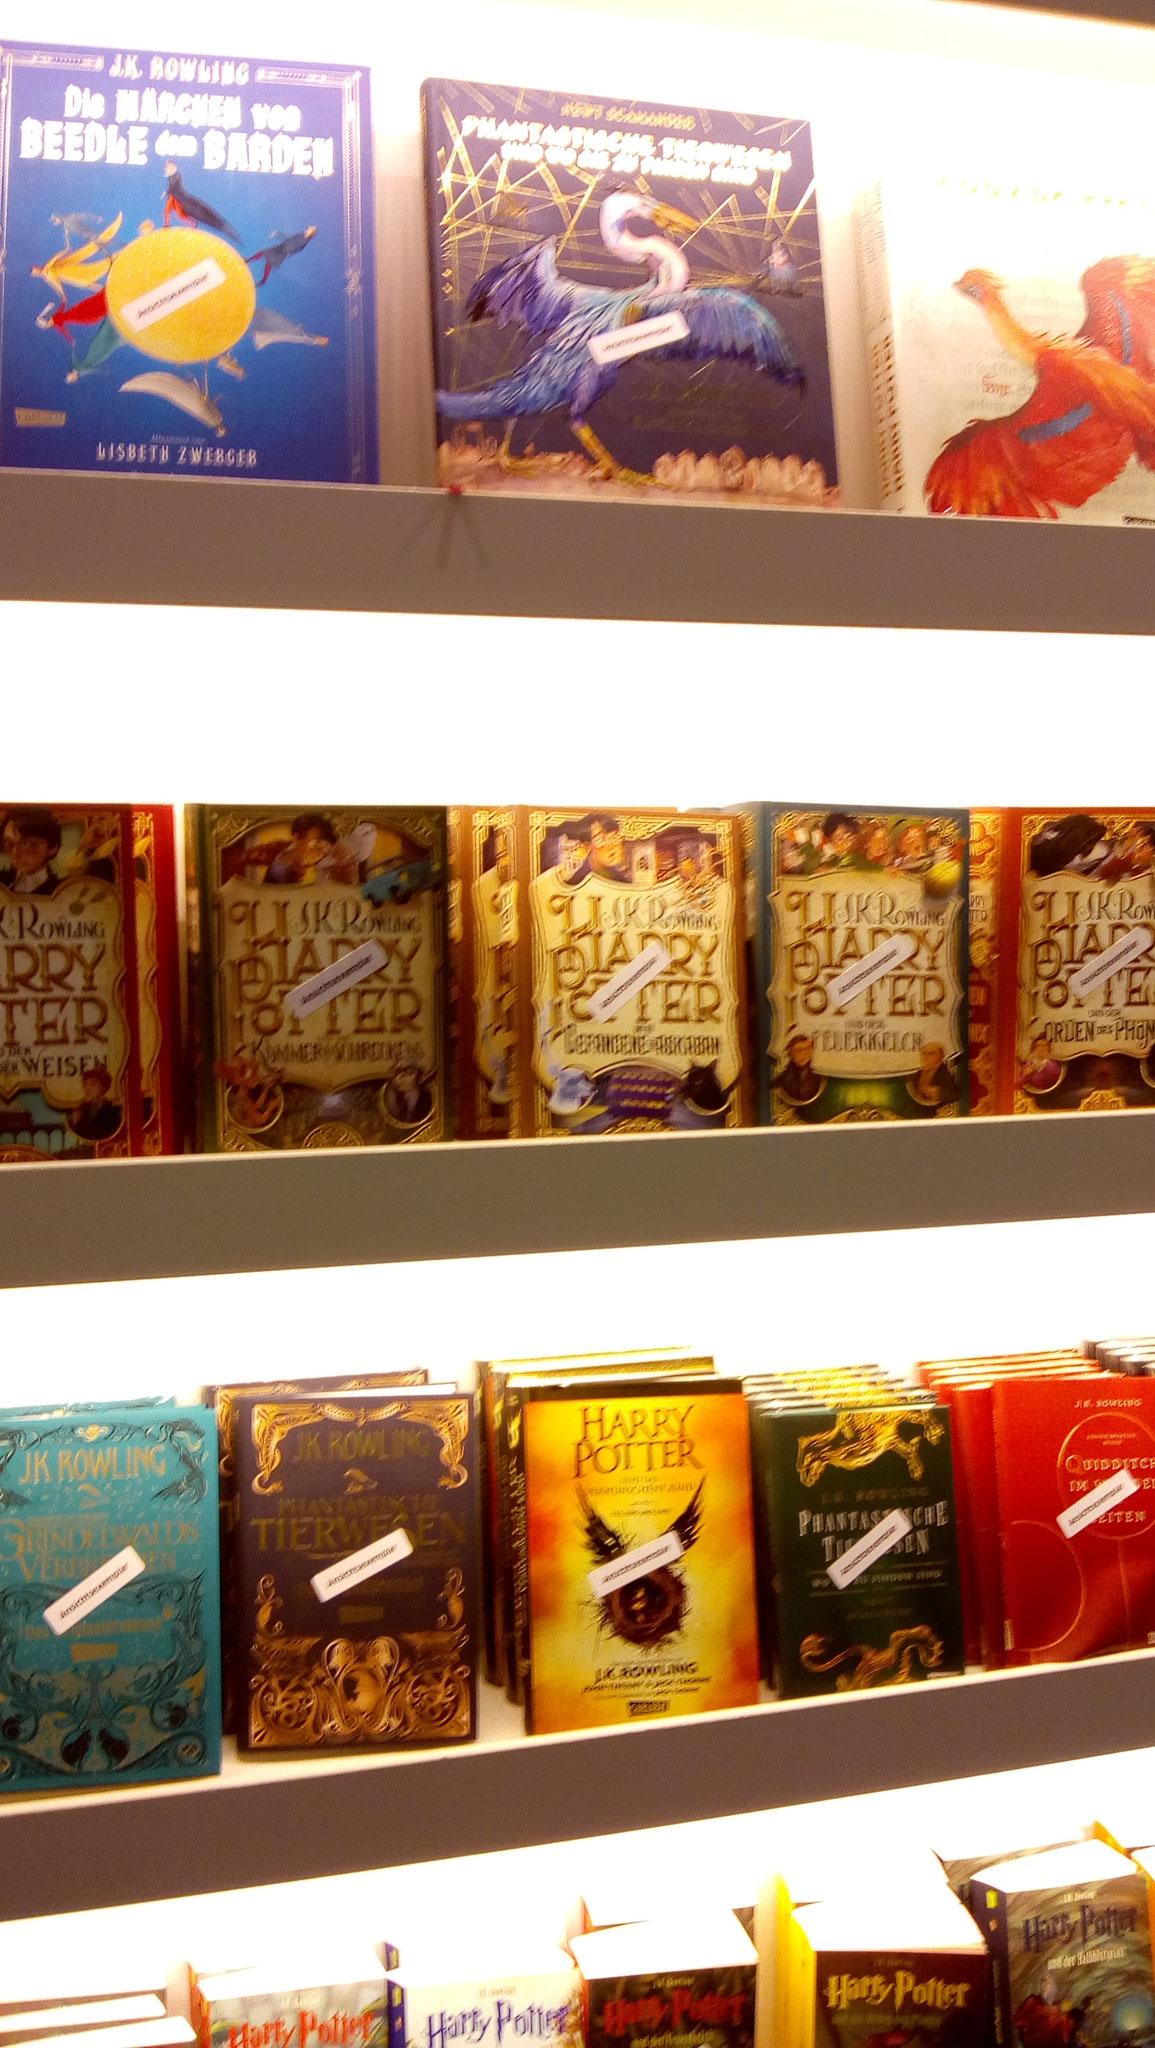 Die Harry Potter Neuausgaben sehen im Regal wunderschön aus!